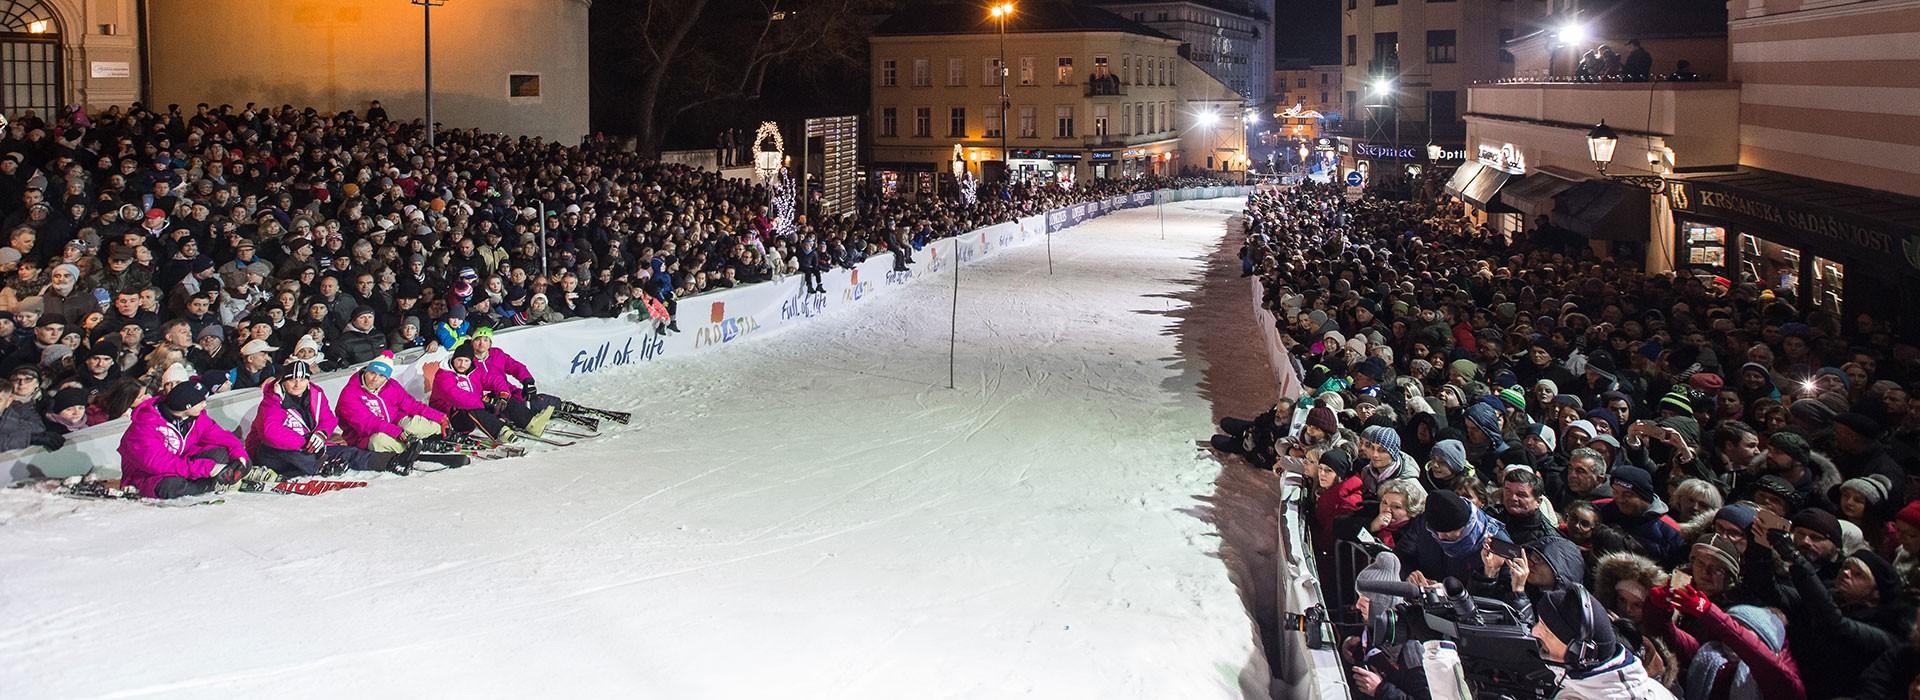 50 godina FIS Svjetskog skijaškog kupa i utrka Snježne kraljice